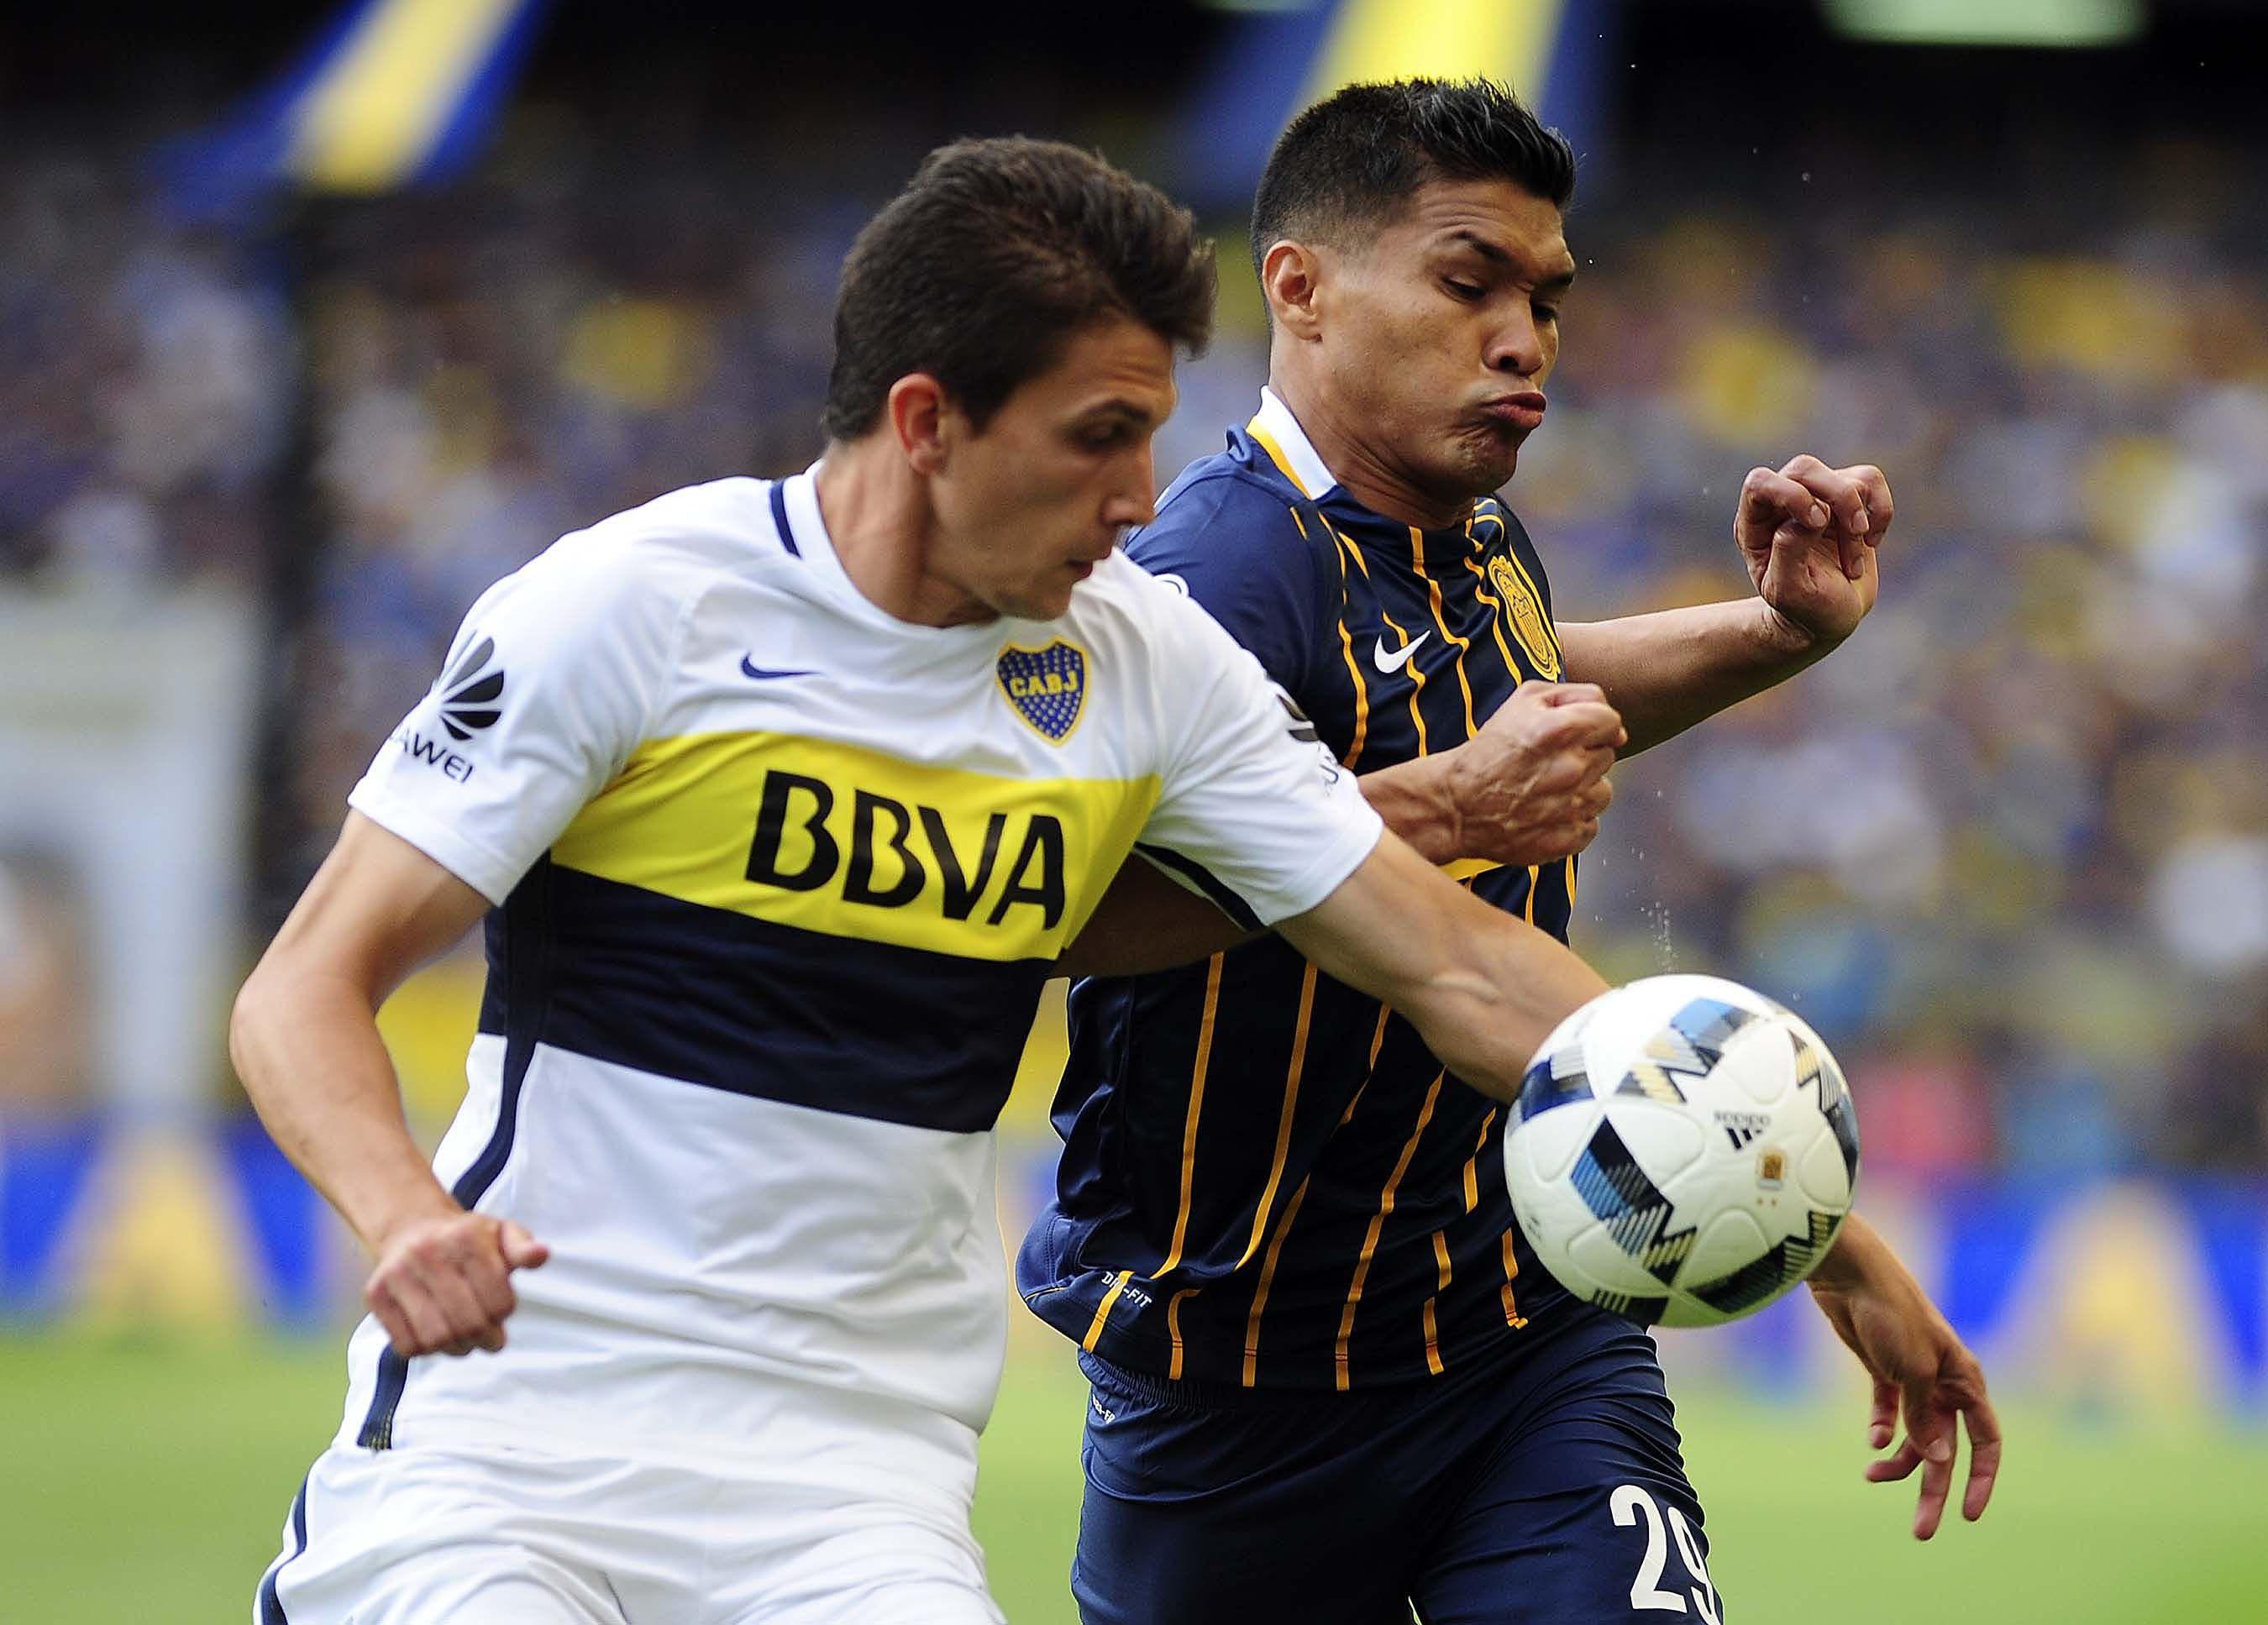 El colombiano empató el partido y luego se fue expulsado por provocar a la gente